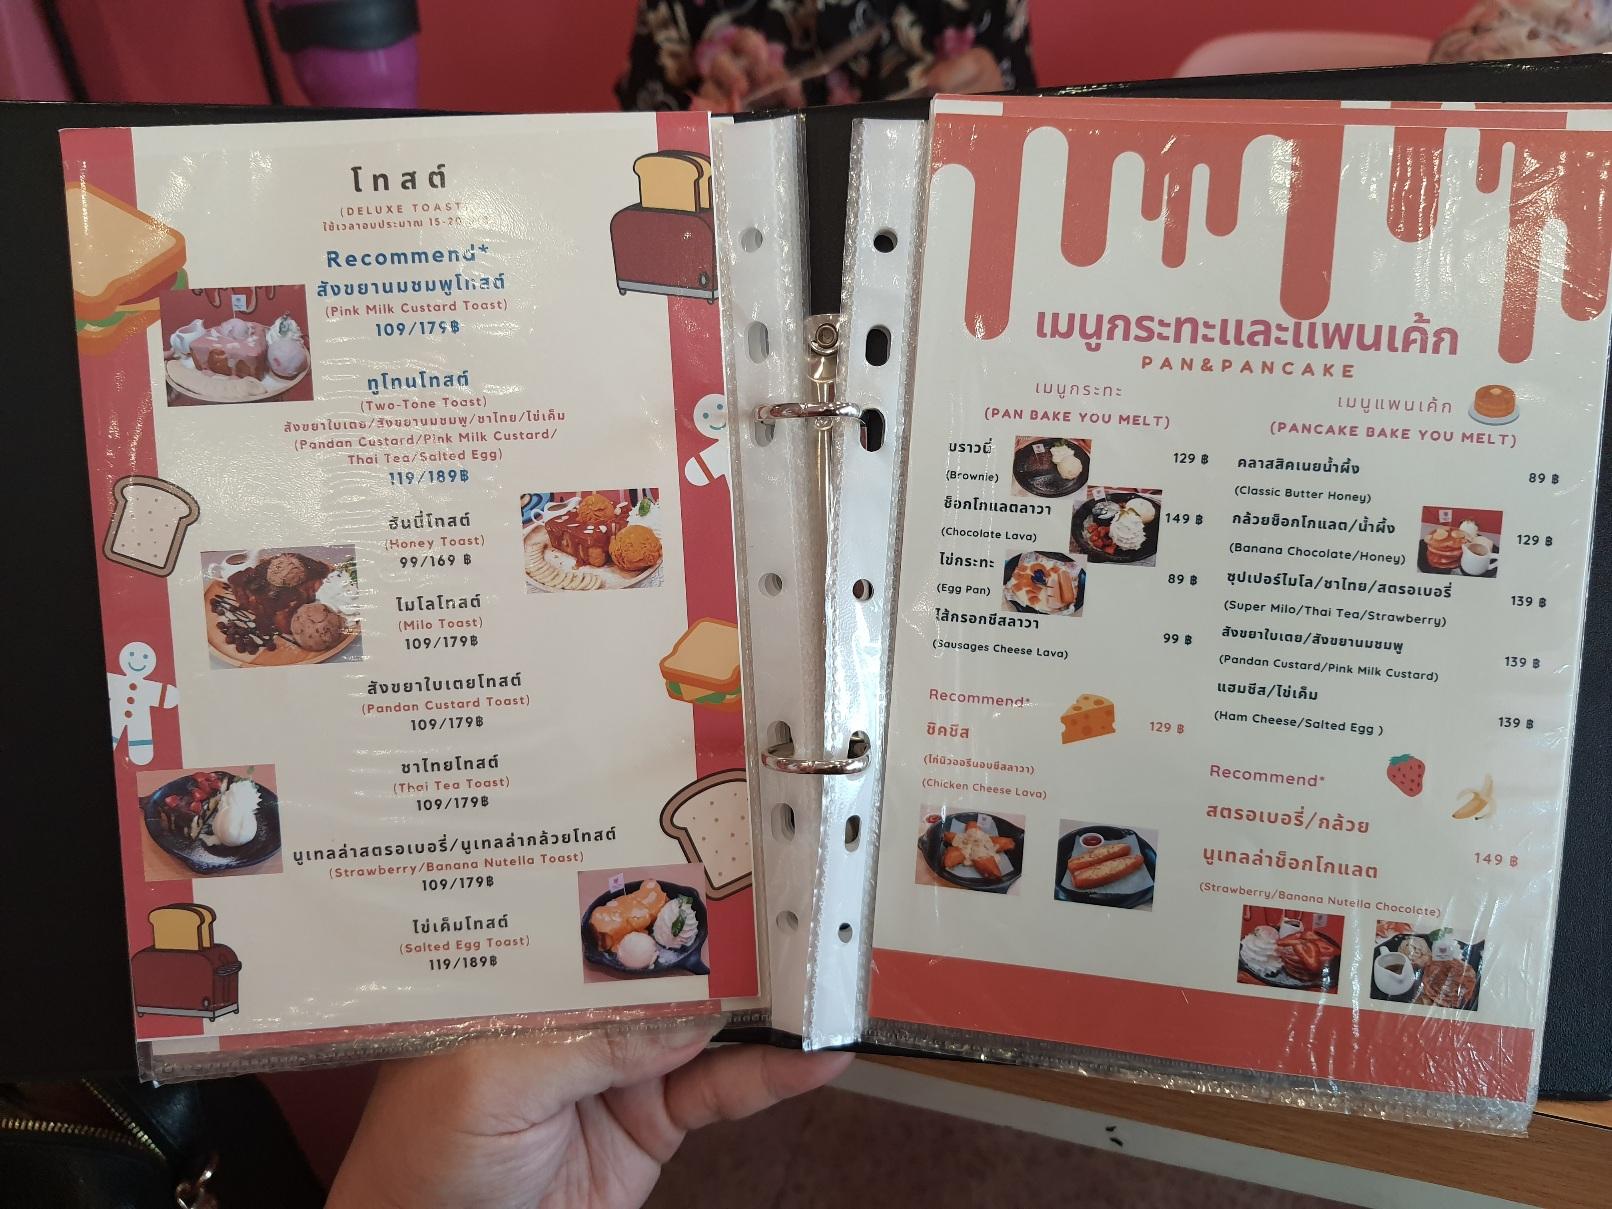 รีวิวขนมหวานร้านBake You Melt Dessert Cafe  ย่าน สาธุประดิษฐ์ พระราม 3